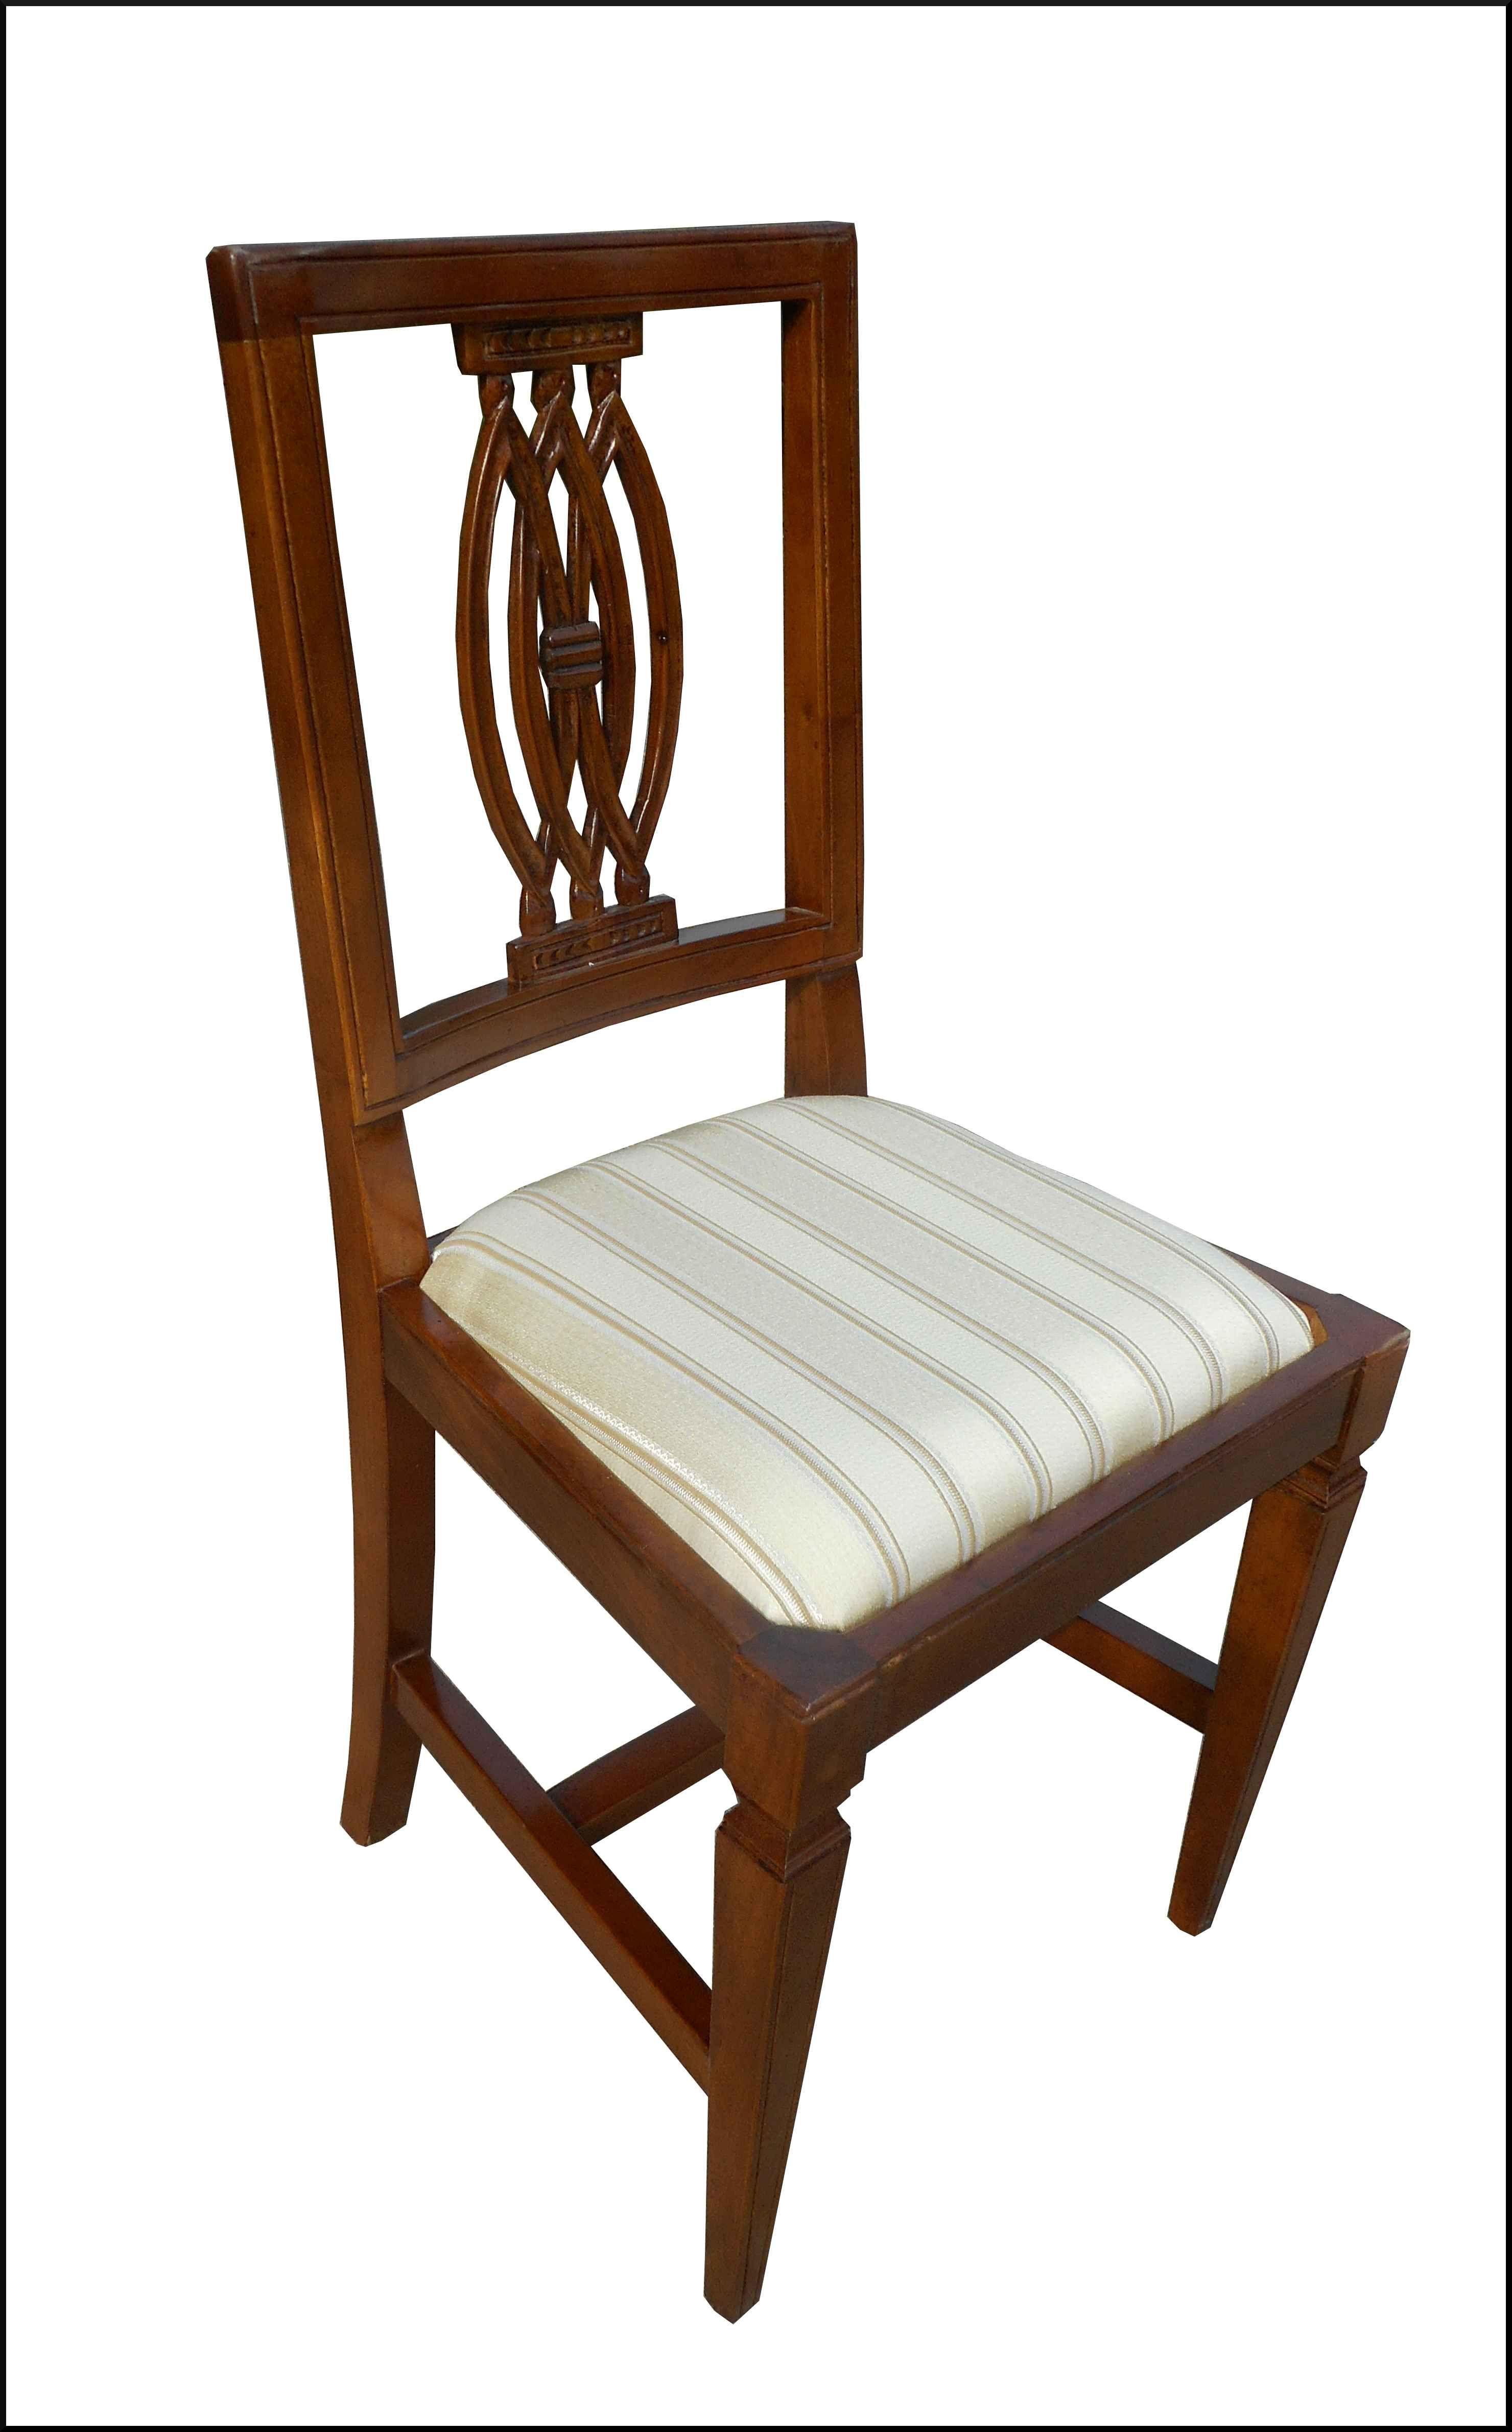 Sedia classica con seduta in stoffa n° prodotto 1435